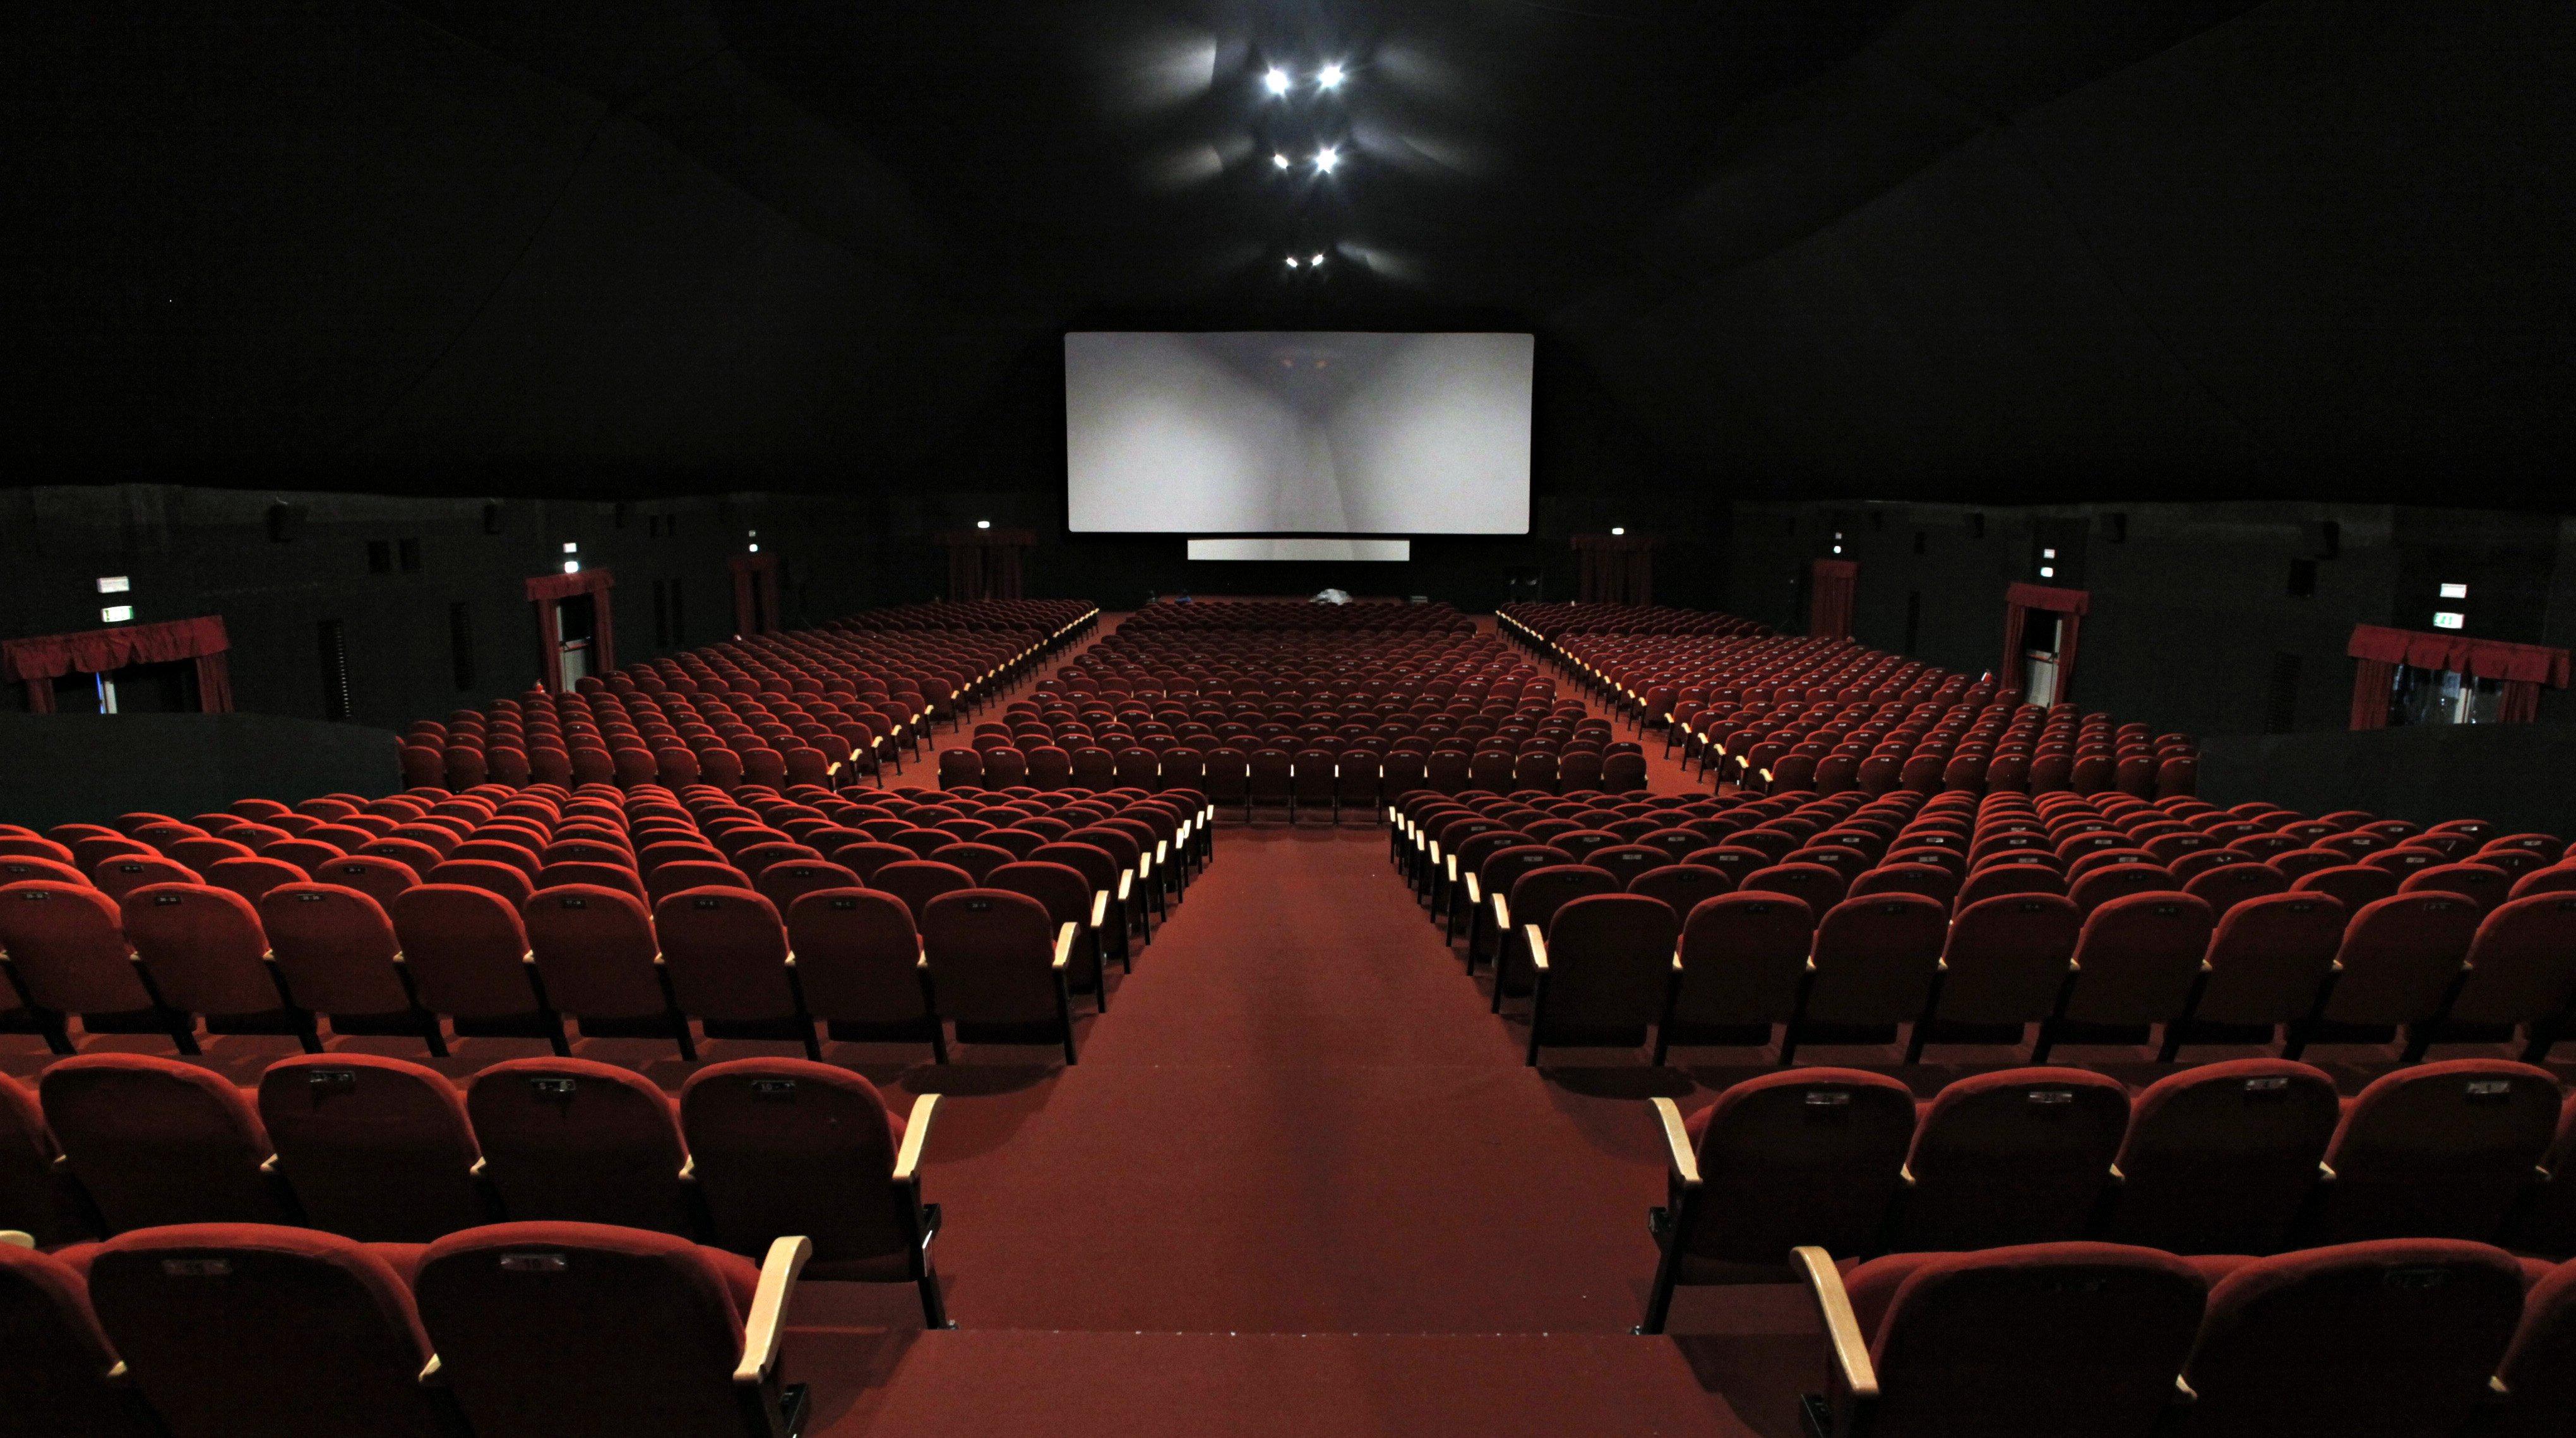 أسعار ومواعيد السينما في عيد الأضحى..تبدأ بـ20 جنيها